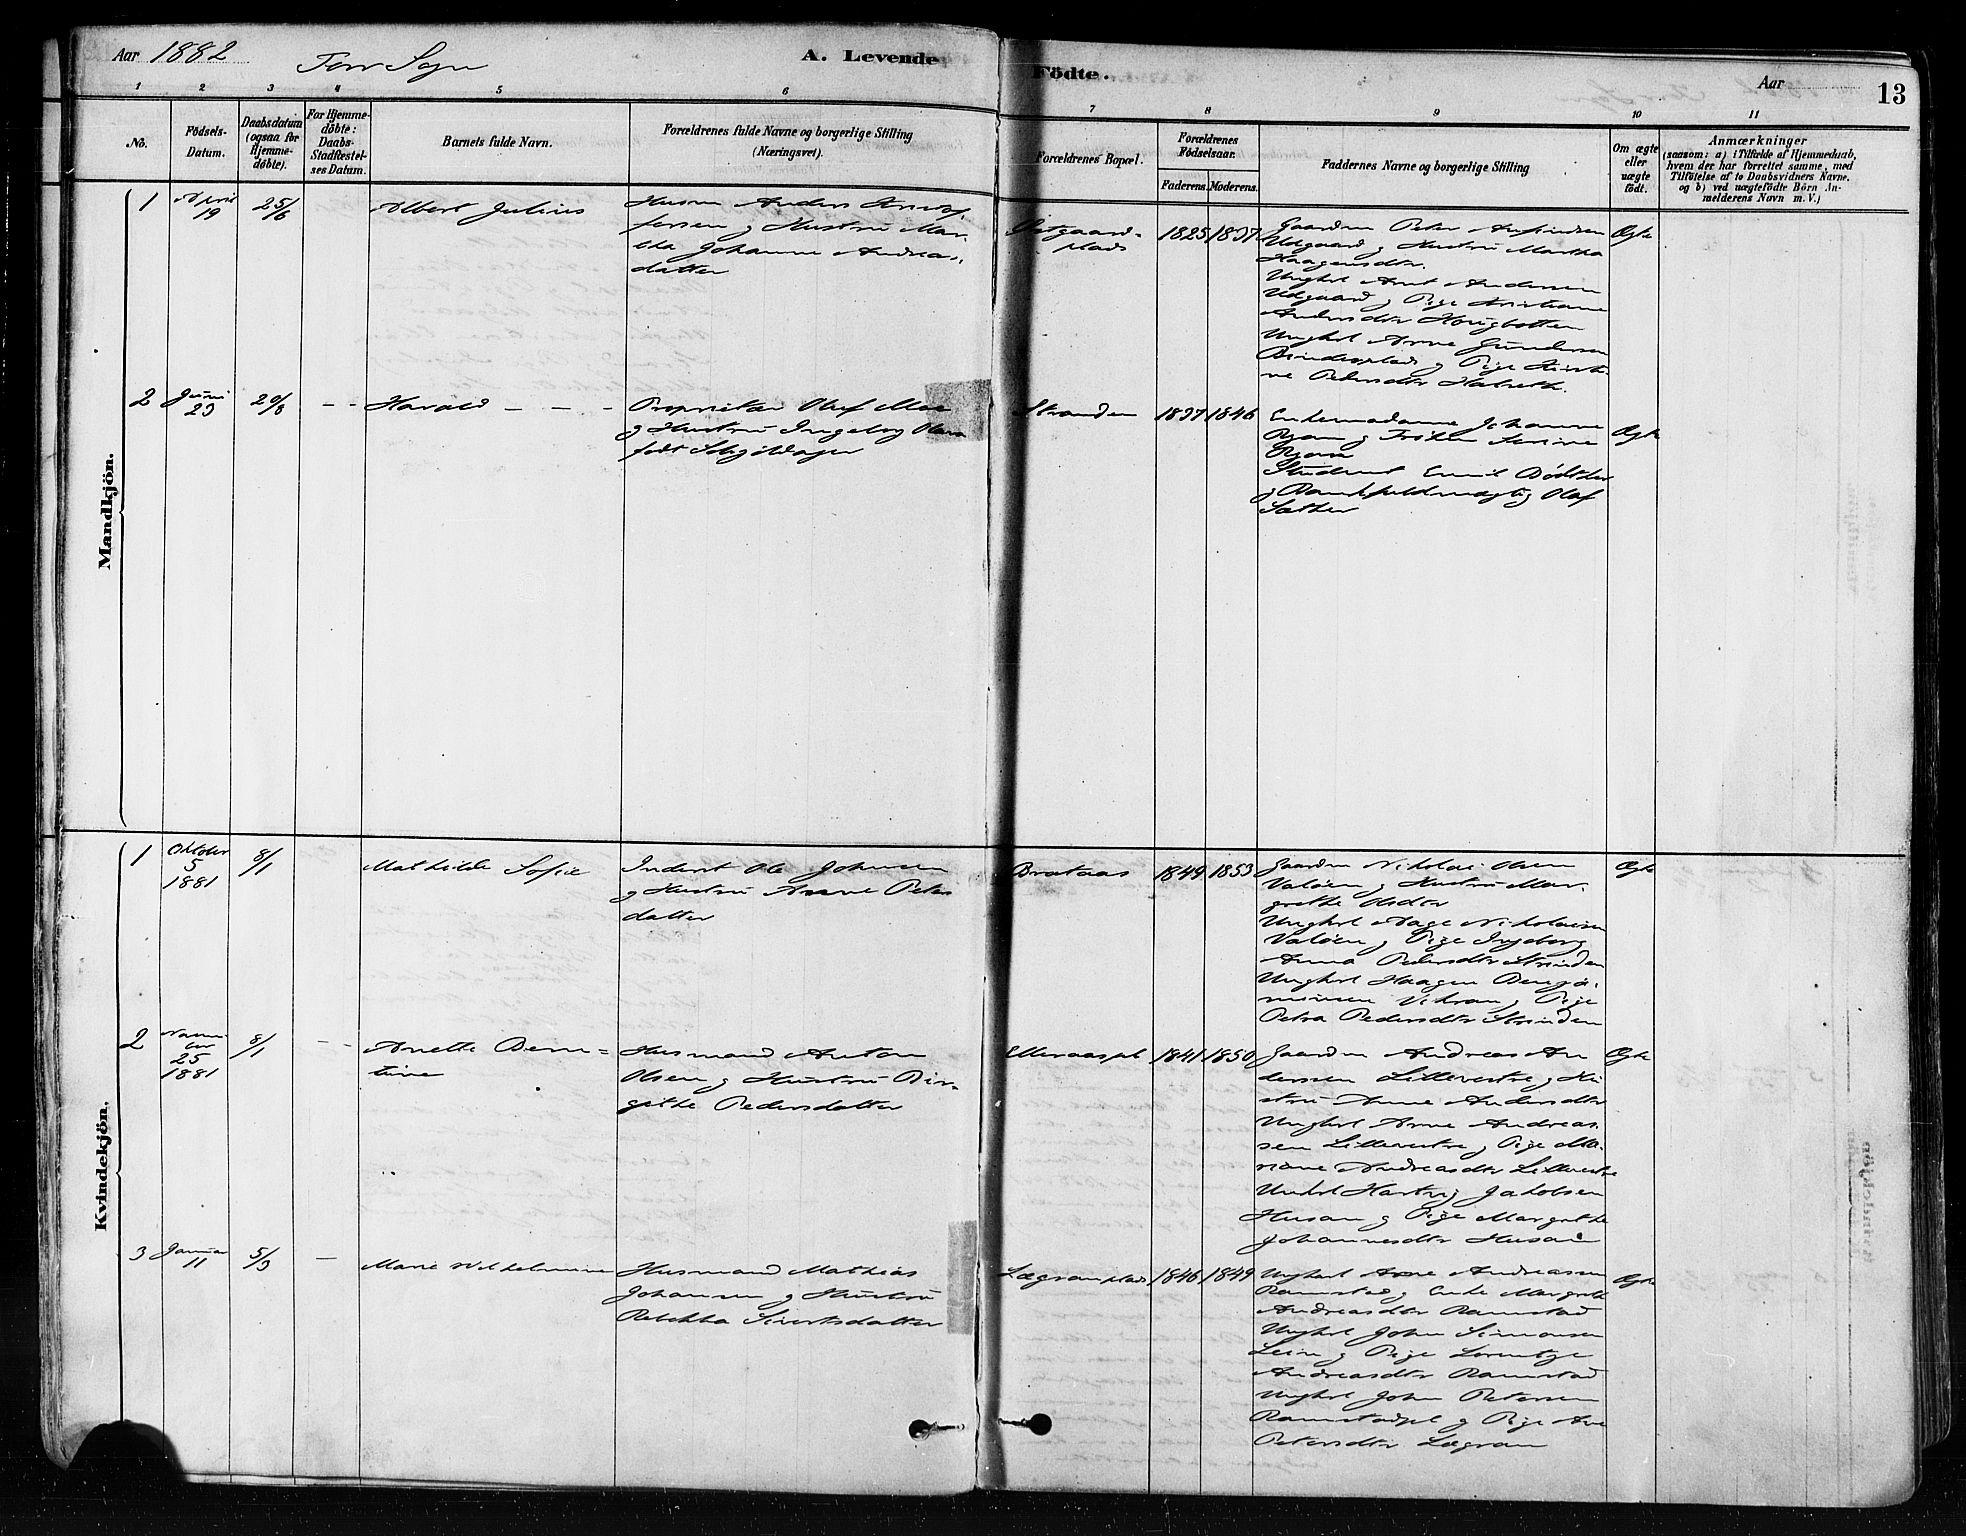 SAT, Ministerialprotokoller, klokkerbøker og fødselsregistre - Nord-Trøndelag, 746/L0448: Ministerialbok nr. 746A07 /1, 1878-1900, s. 13